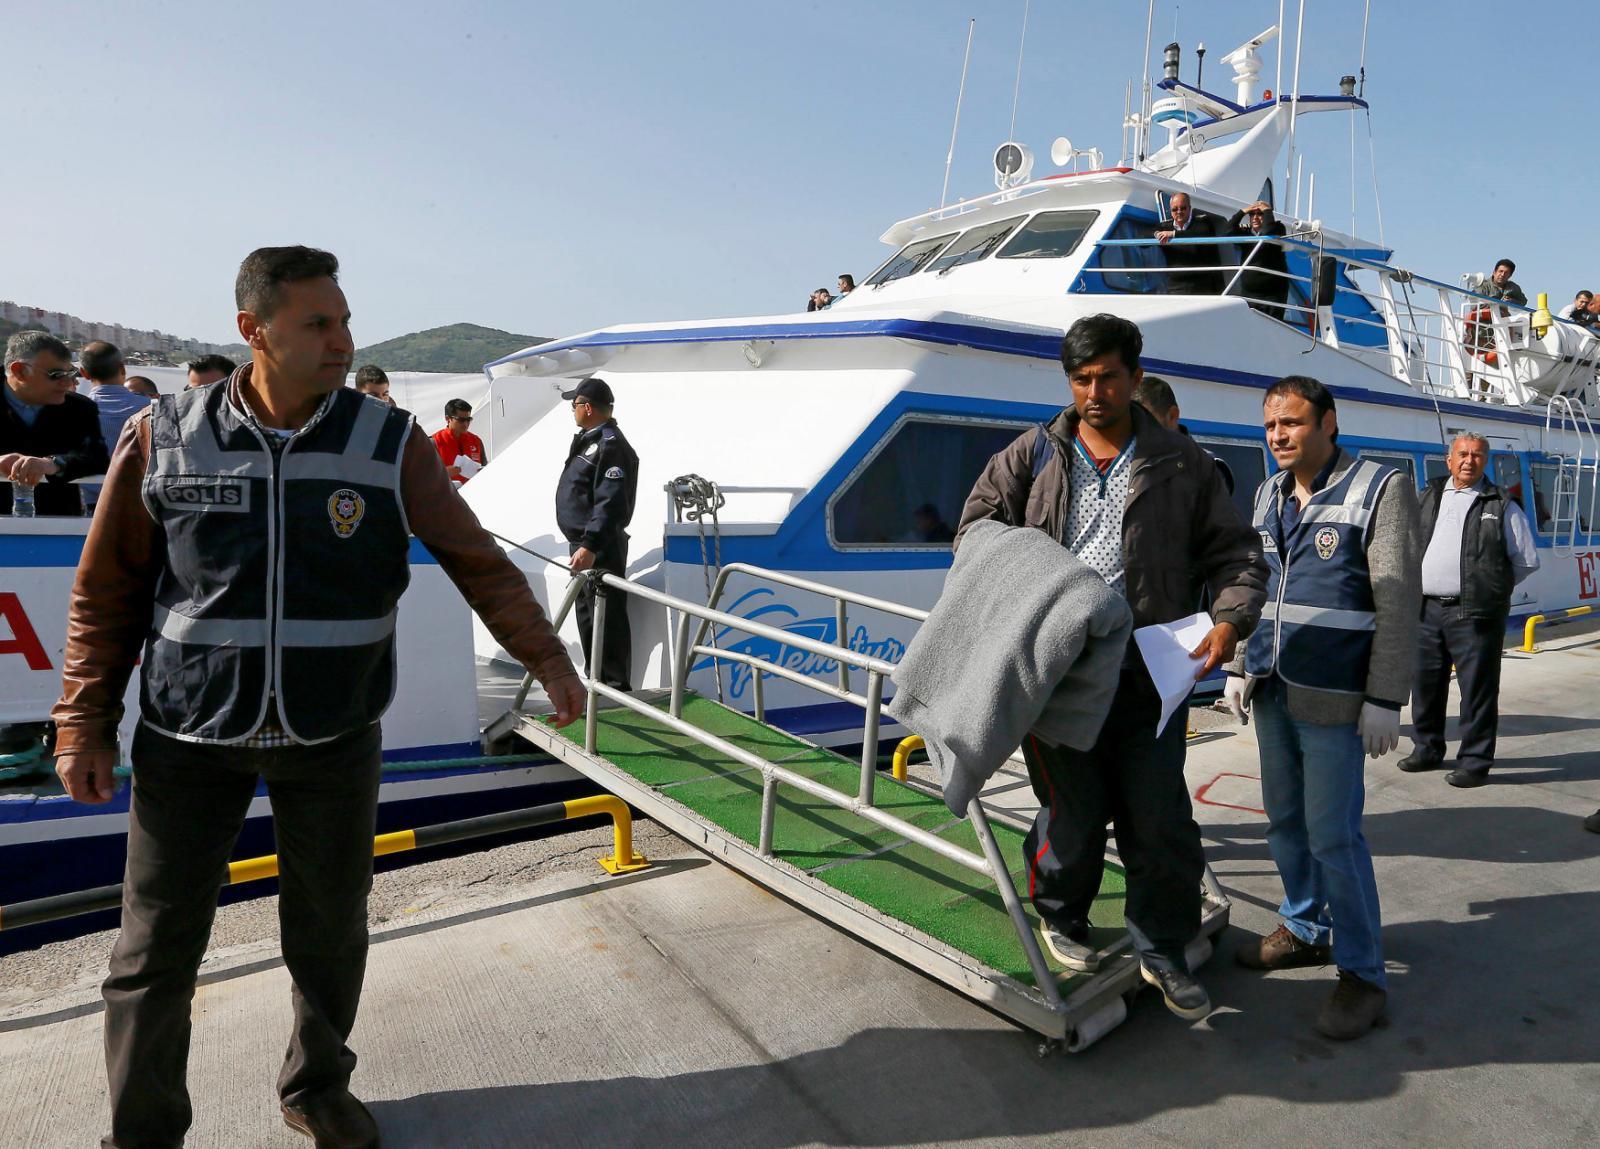 Uprchlíci byli vráceni z Řecka do Turecka